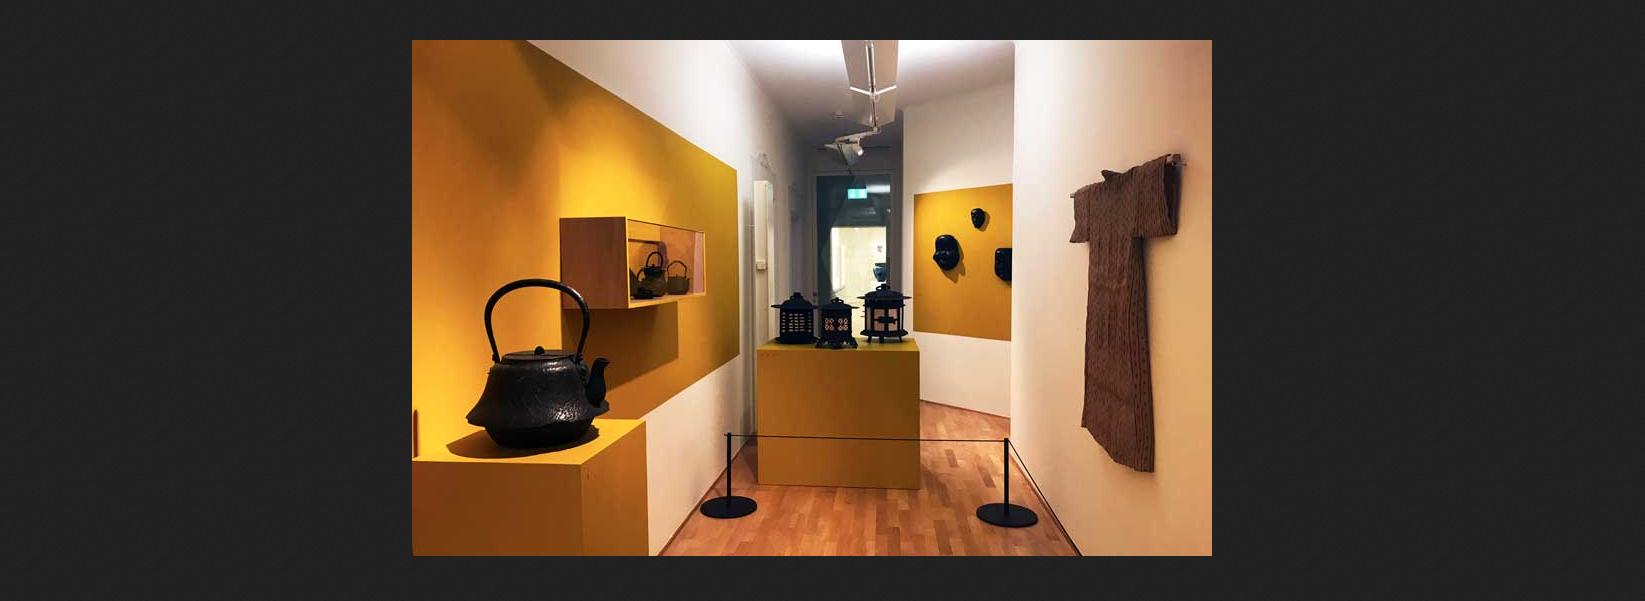 Giappone L'arte nel quotidiano, alcuni manufatti in mostra nella sala numero XVII del Museo Vincenzo Vela – Foto: MaSeDomani